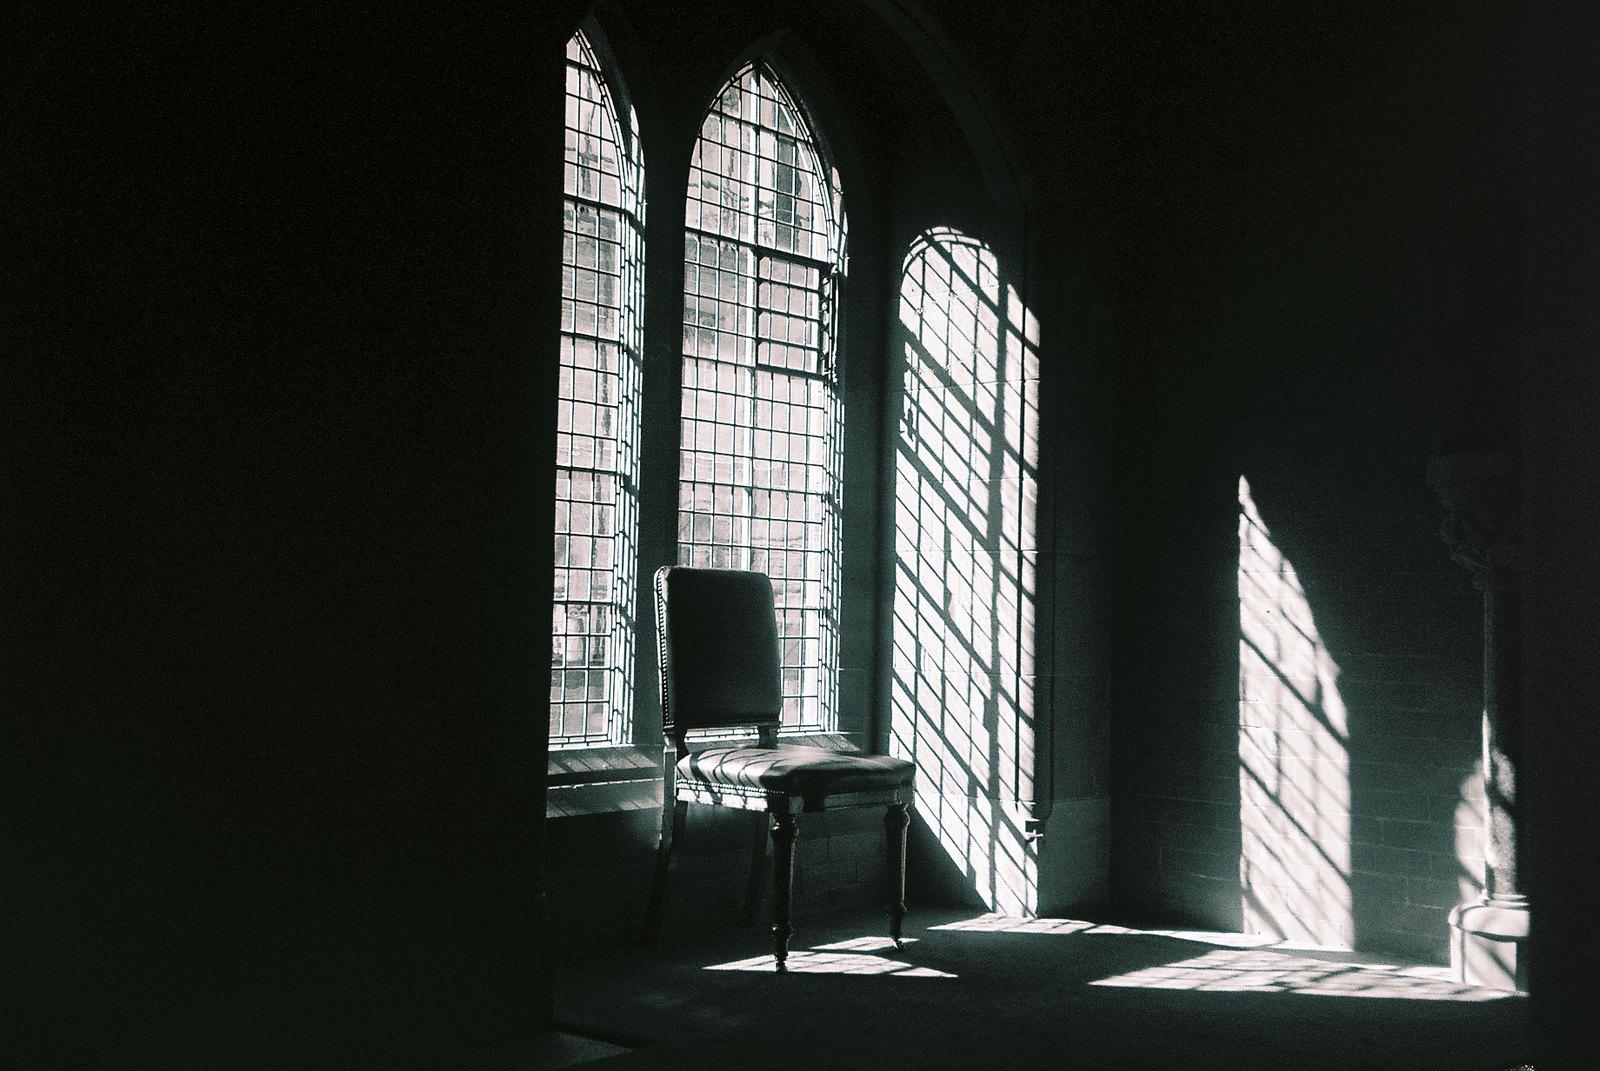 Study in Light I